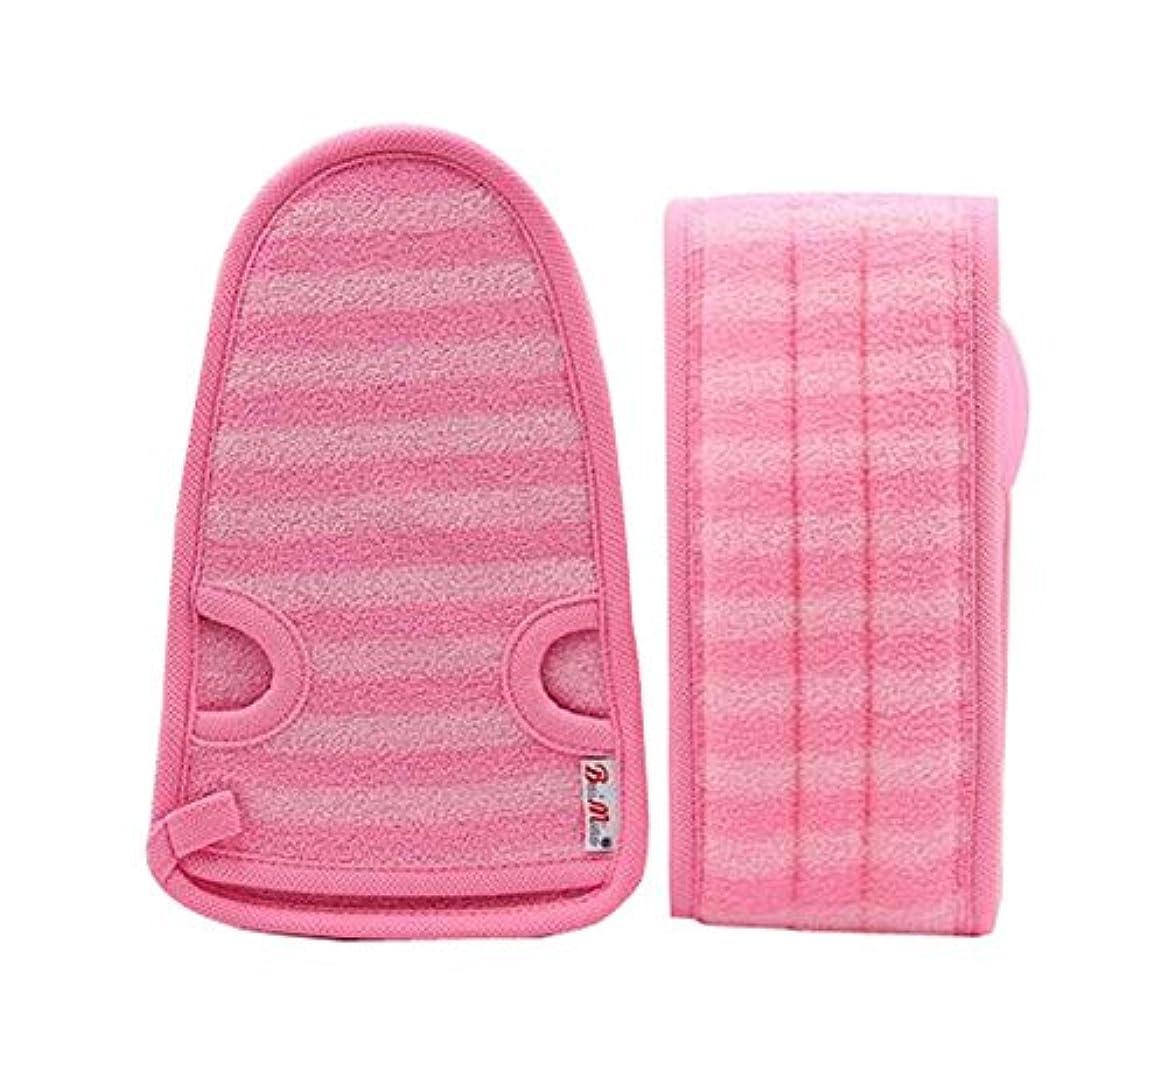 攻撃的クレーター集団的女性のための柔らかい手袋の角質除去の手袋の浴室ベルトの2、ピンク